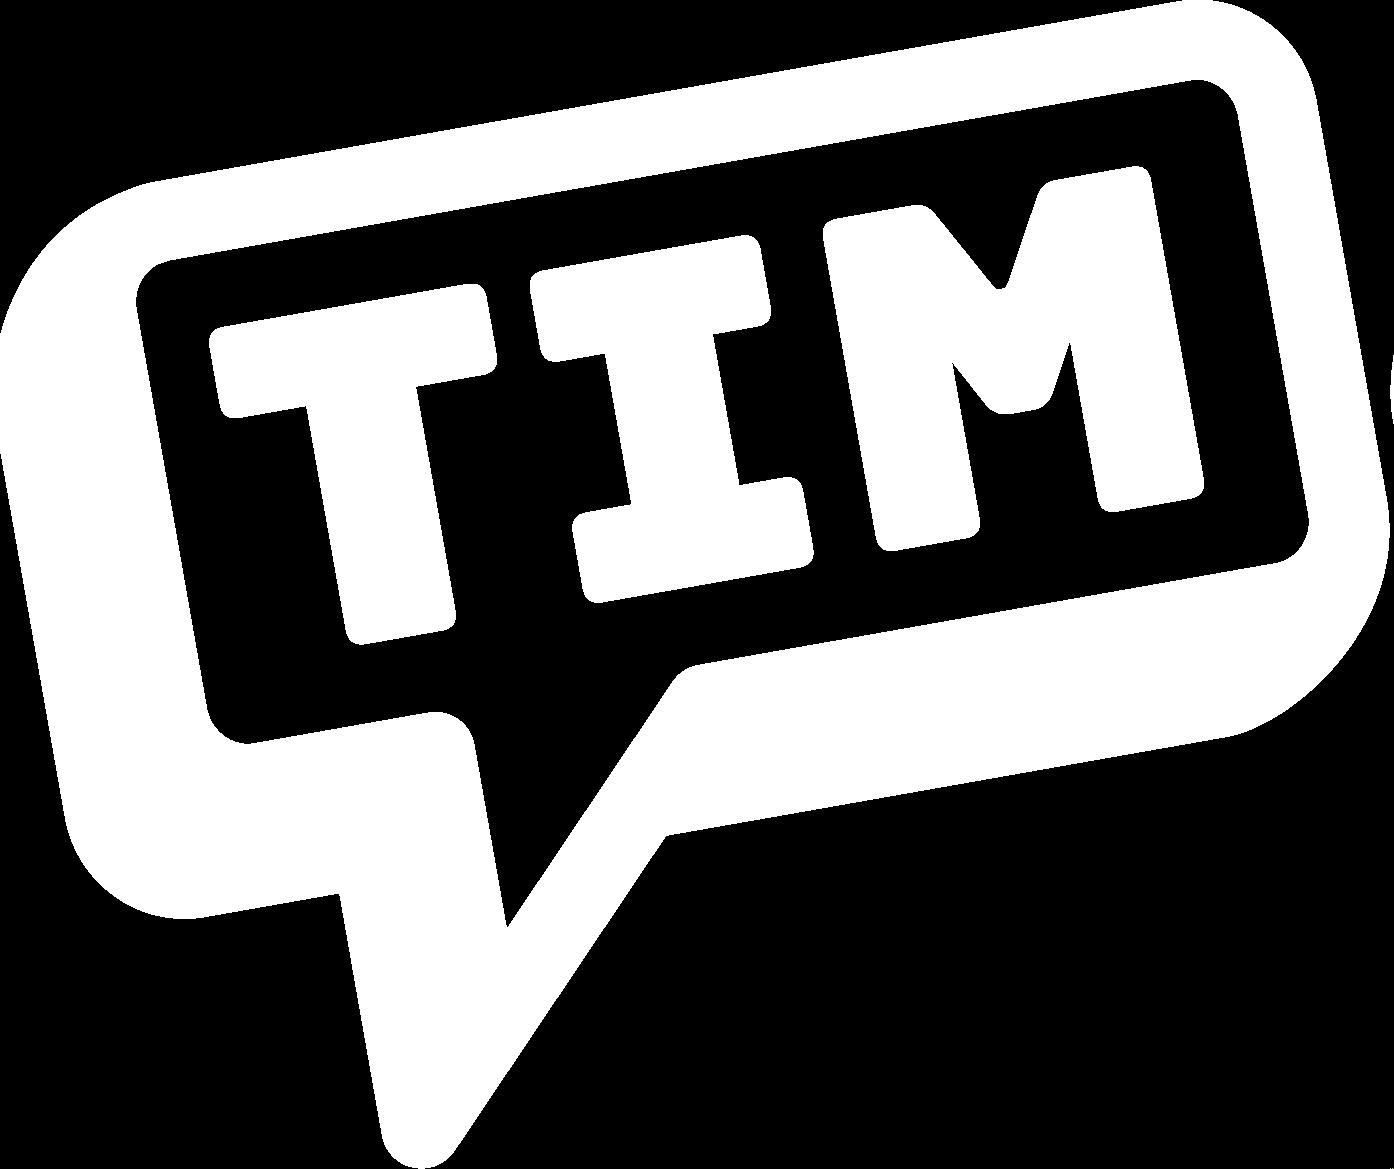 Tim Greaves